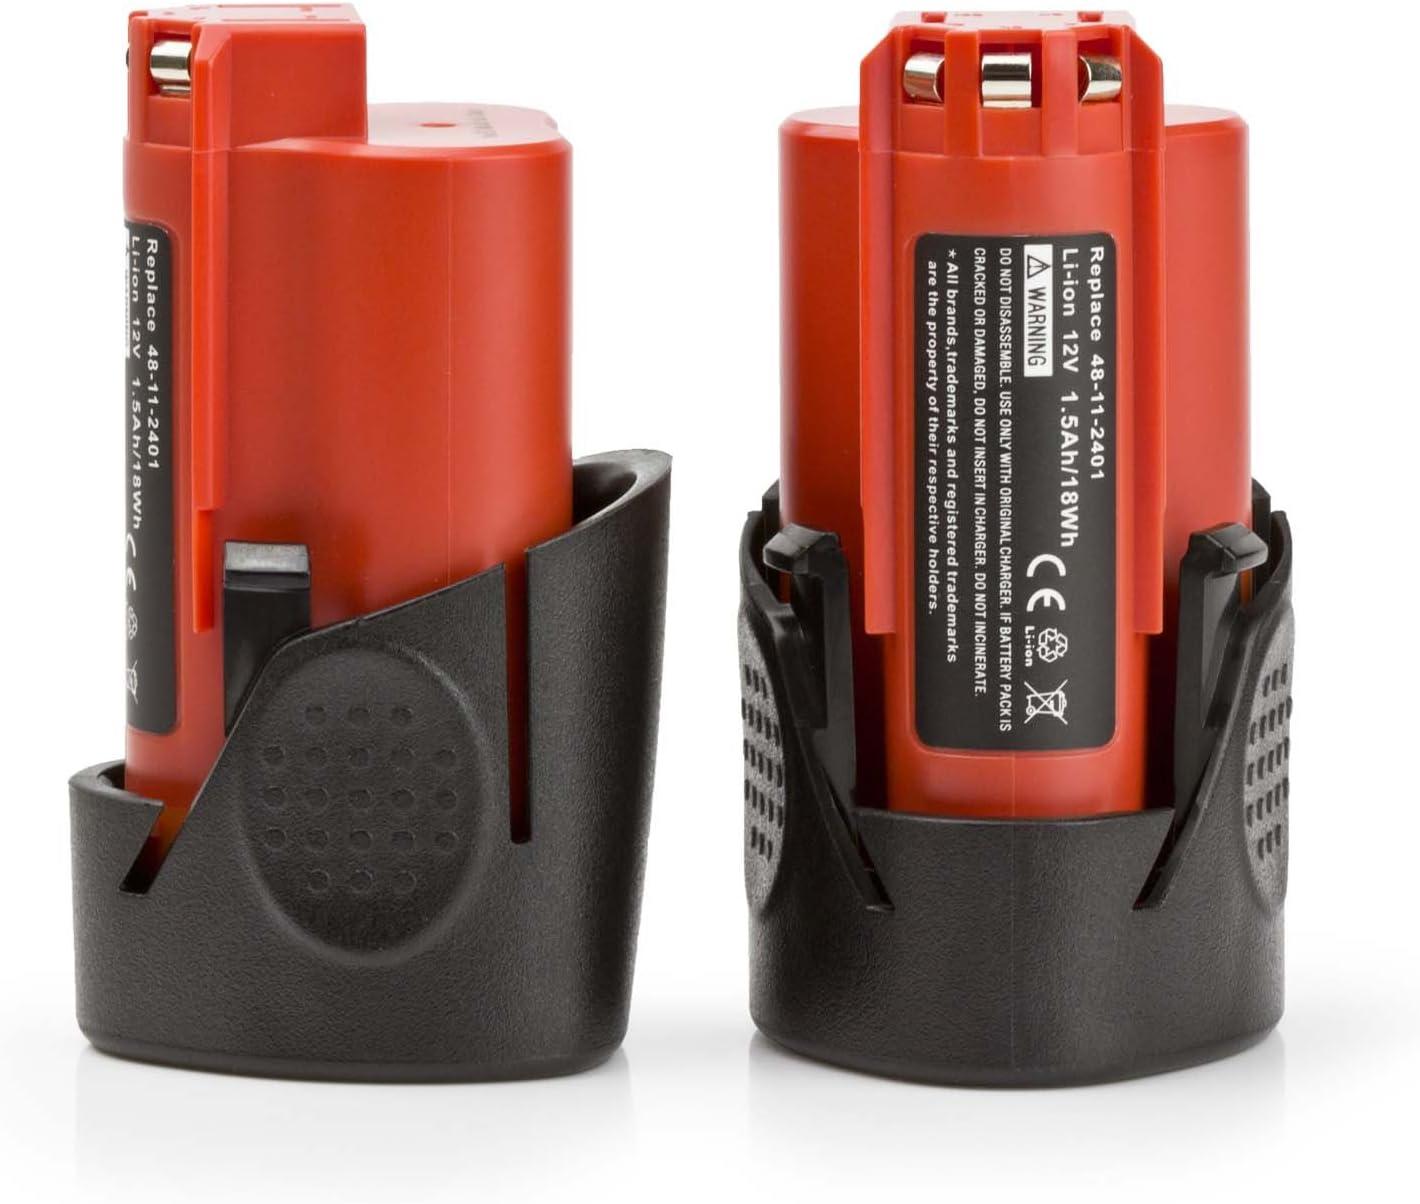 2x 12V Li-ion Battery For Milwaukee 48-11-2420 M12 48-11-2402 48-11-2401 M12B WM